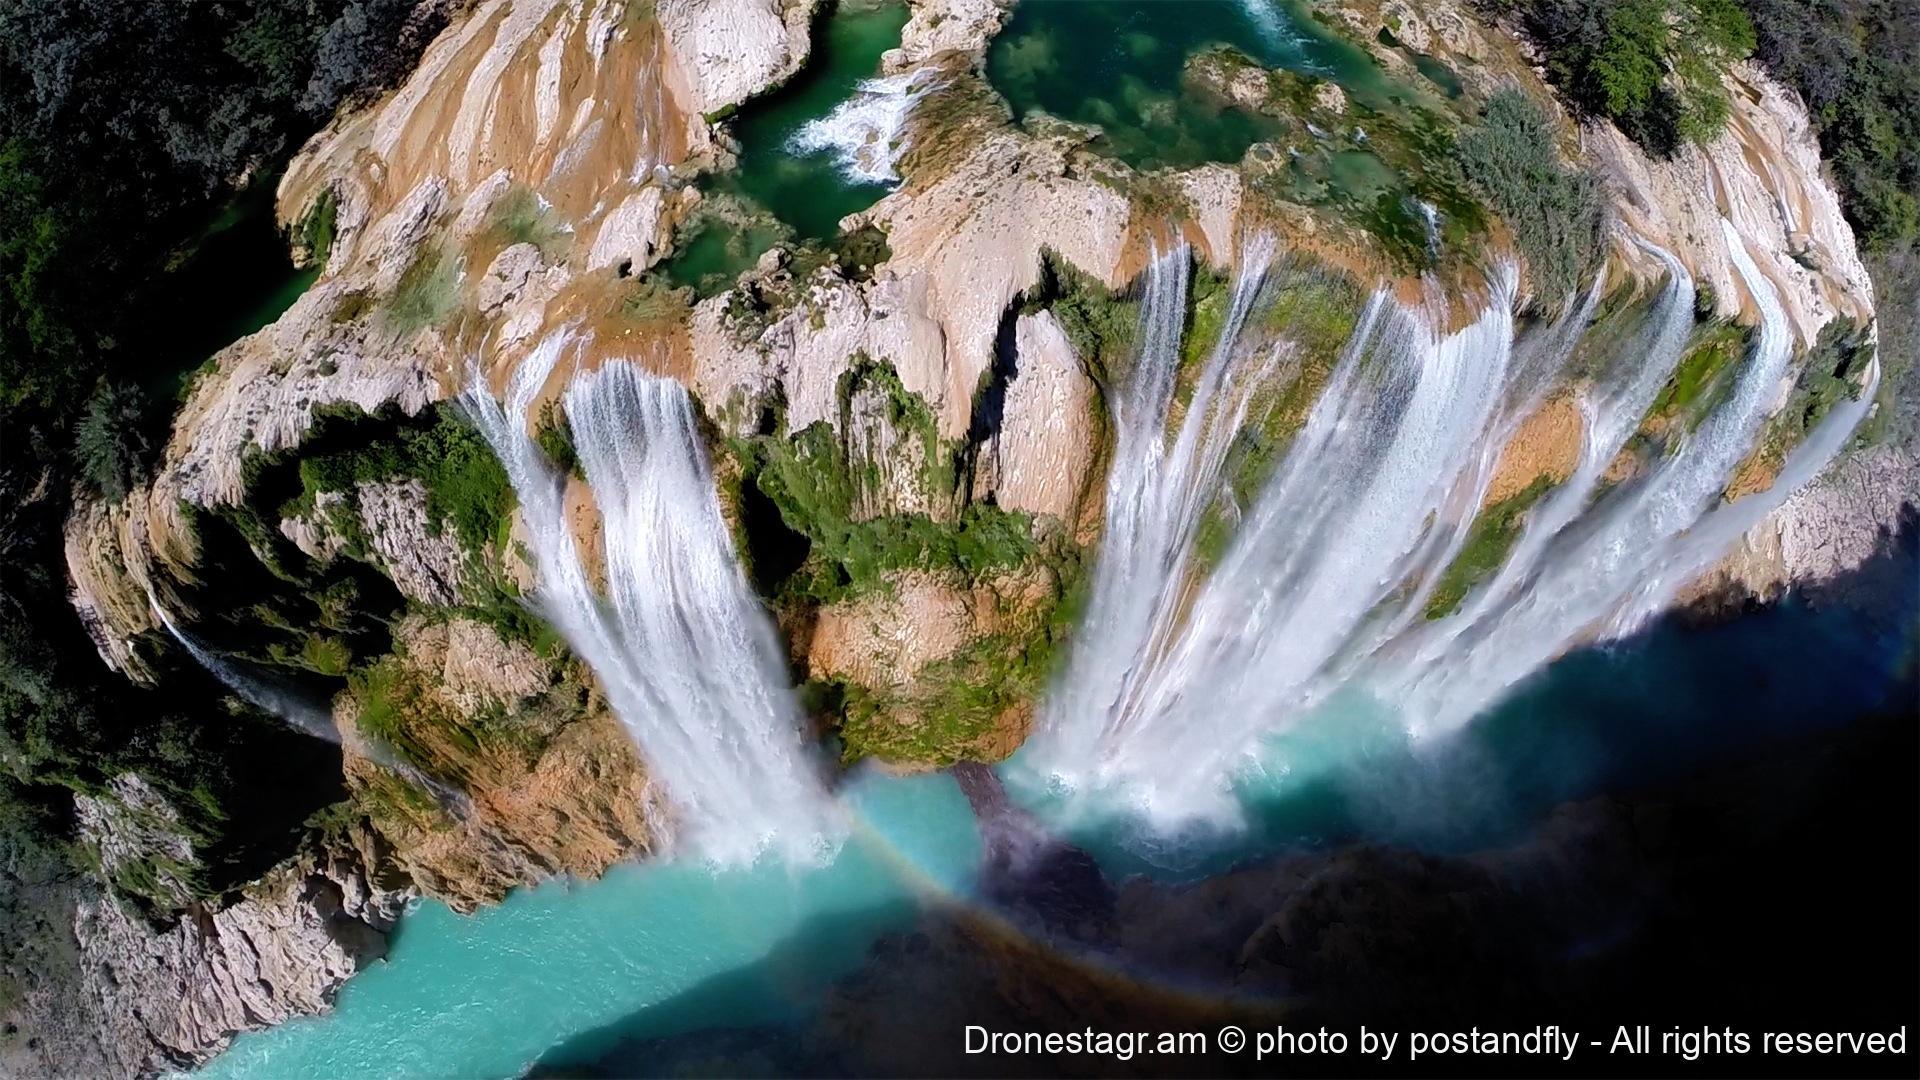 Tamul waterfall